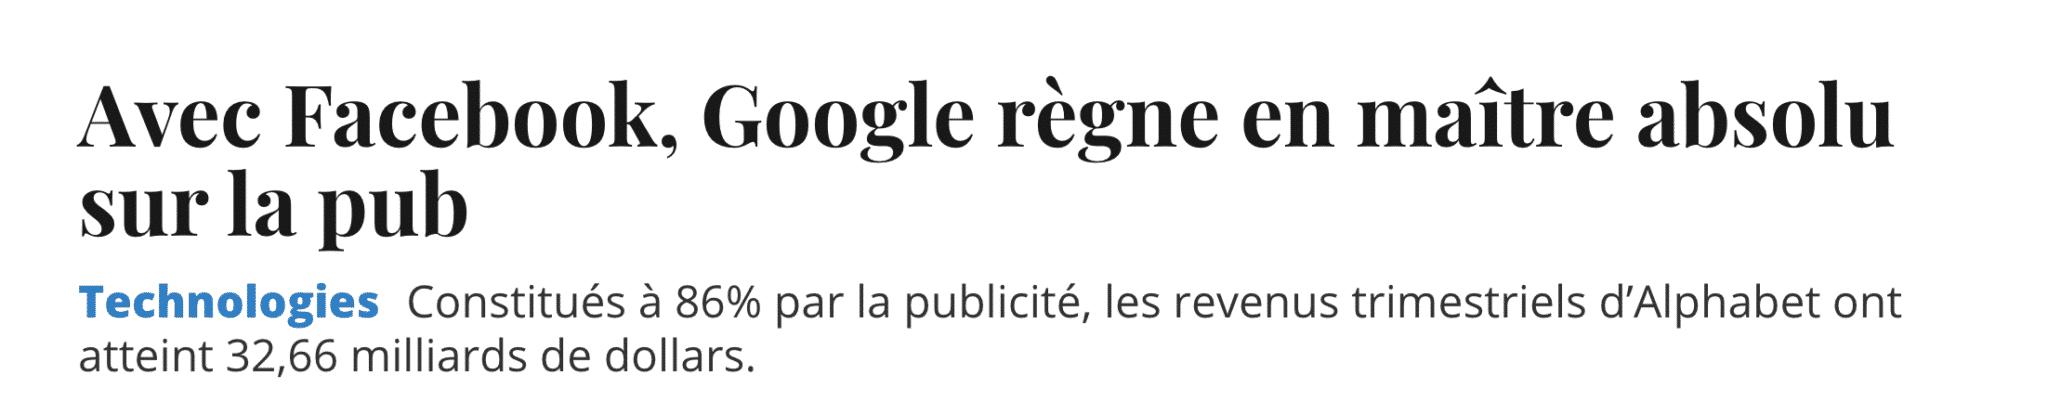 Google et Facebook pub